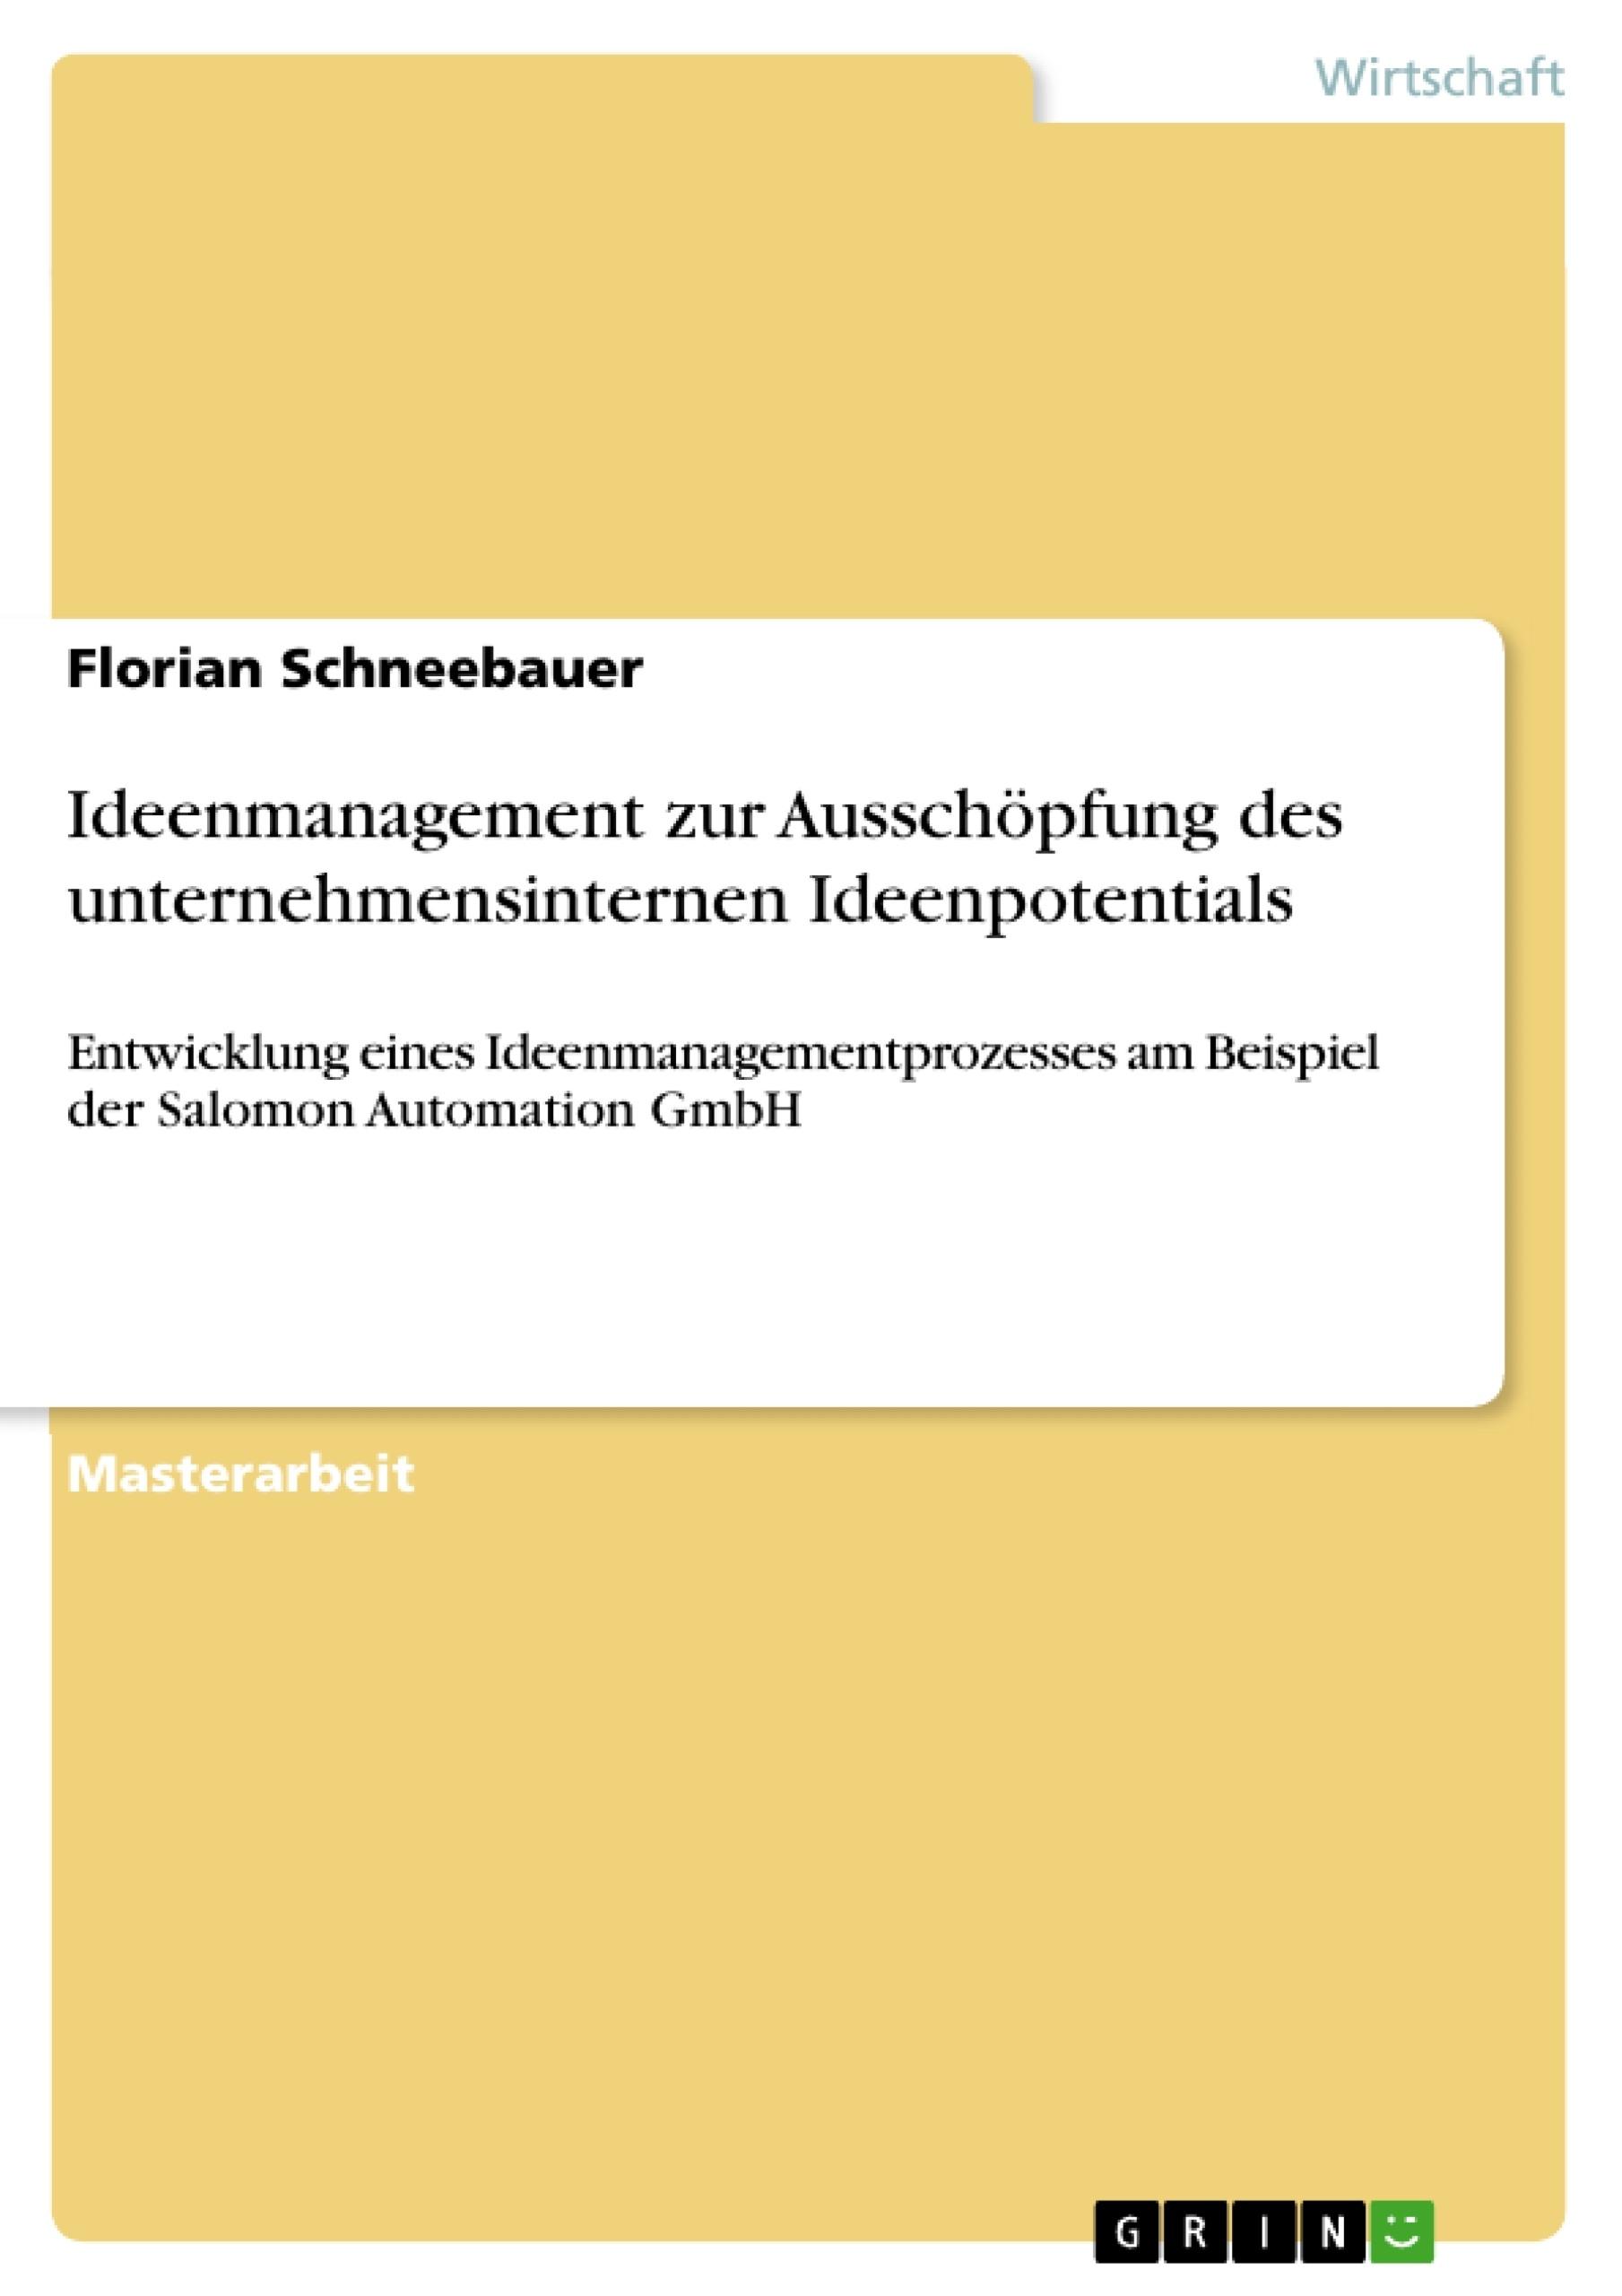 Titel: Ideenmanagement zur Ausschöpfung des unternehmensinternen Ideenpotentials